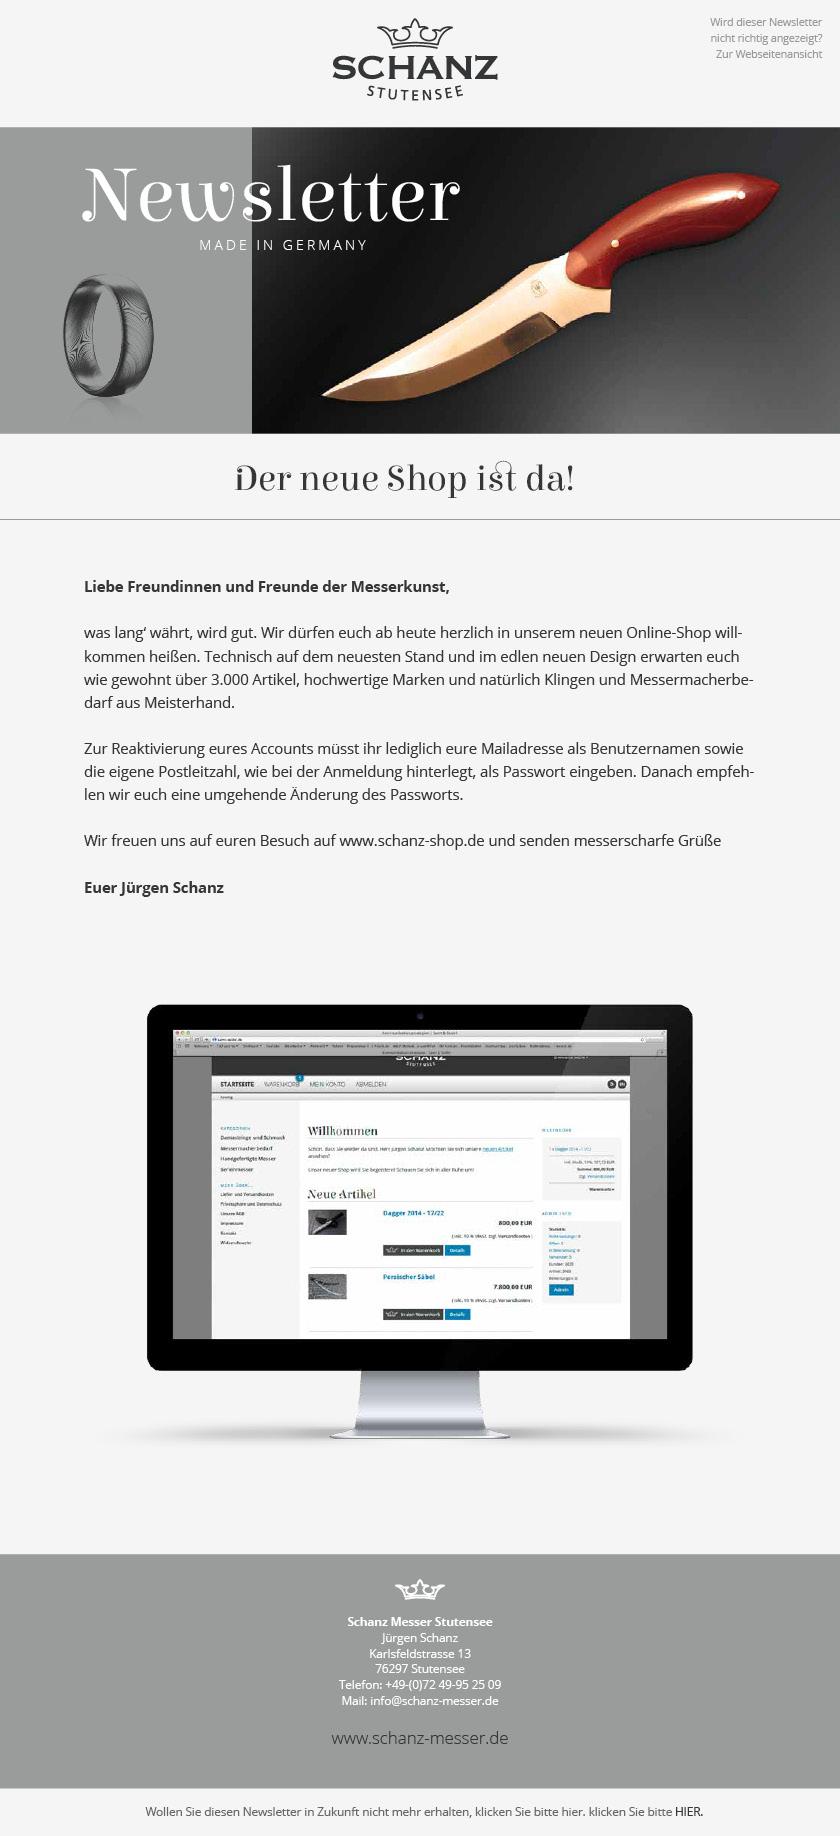 Samt&Seidel_Referenz_Messer Schanz_Design_03